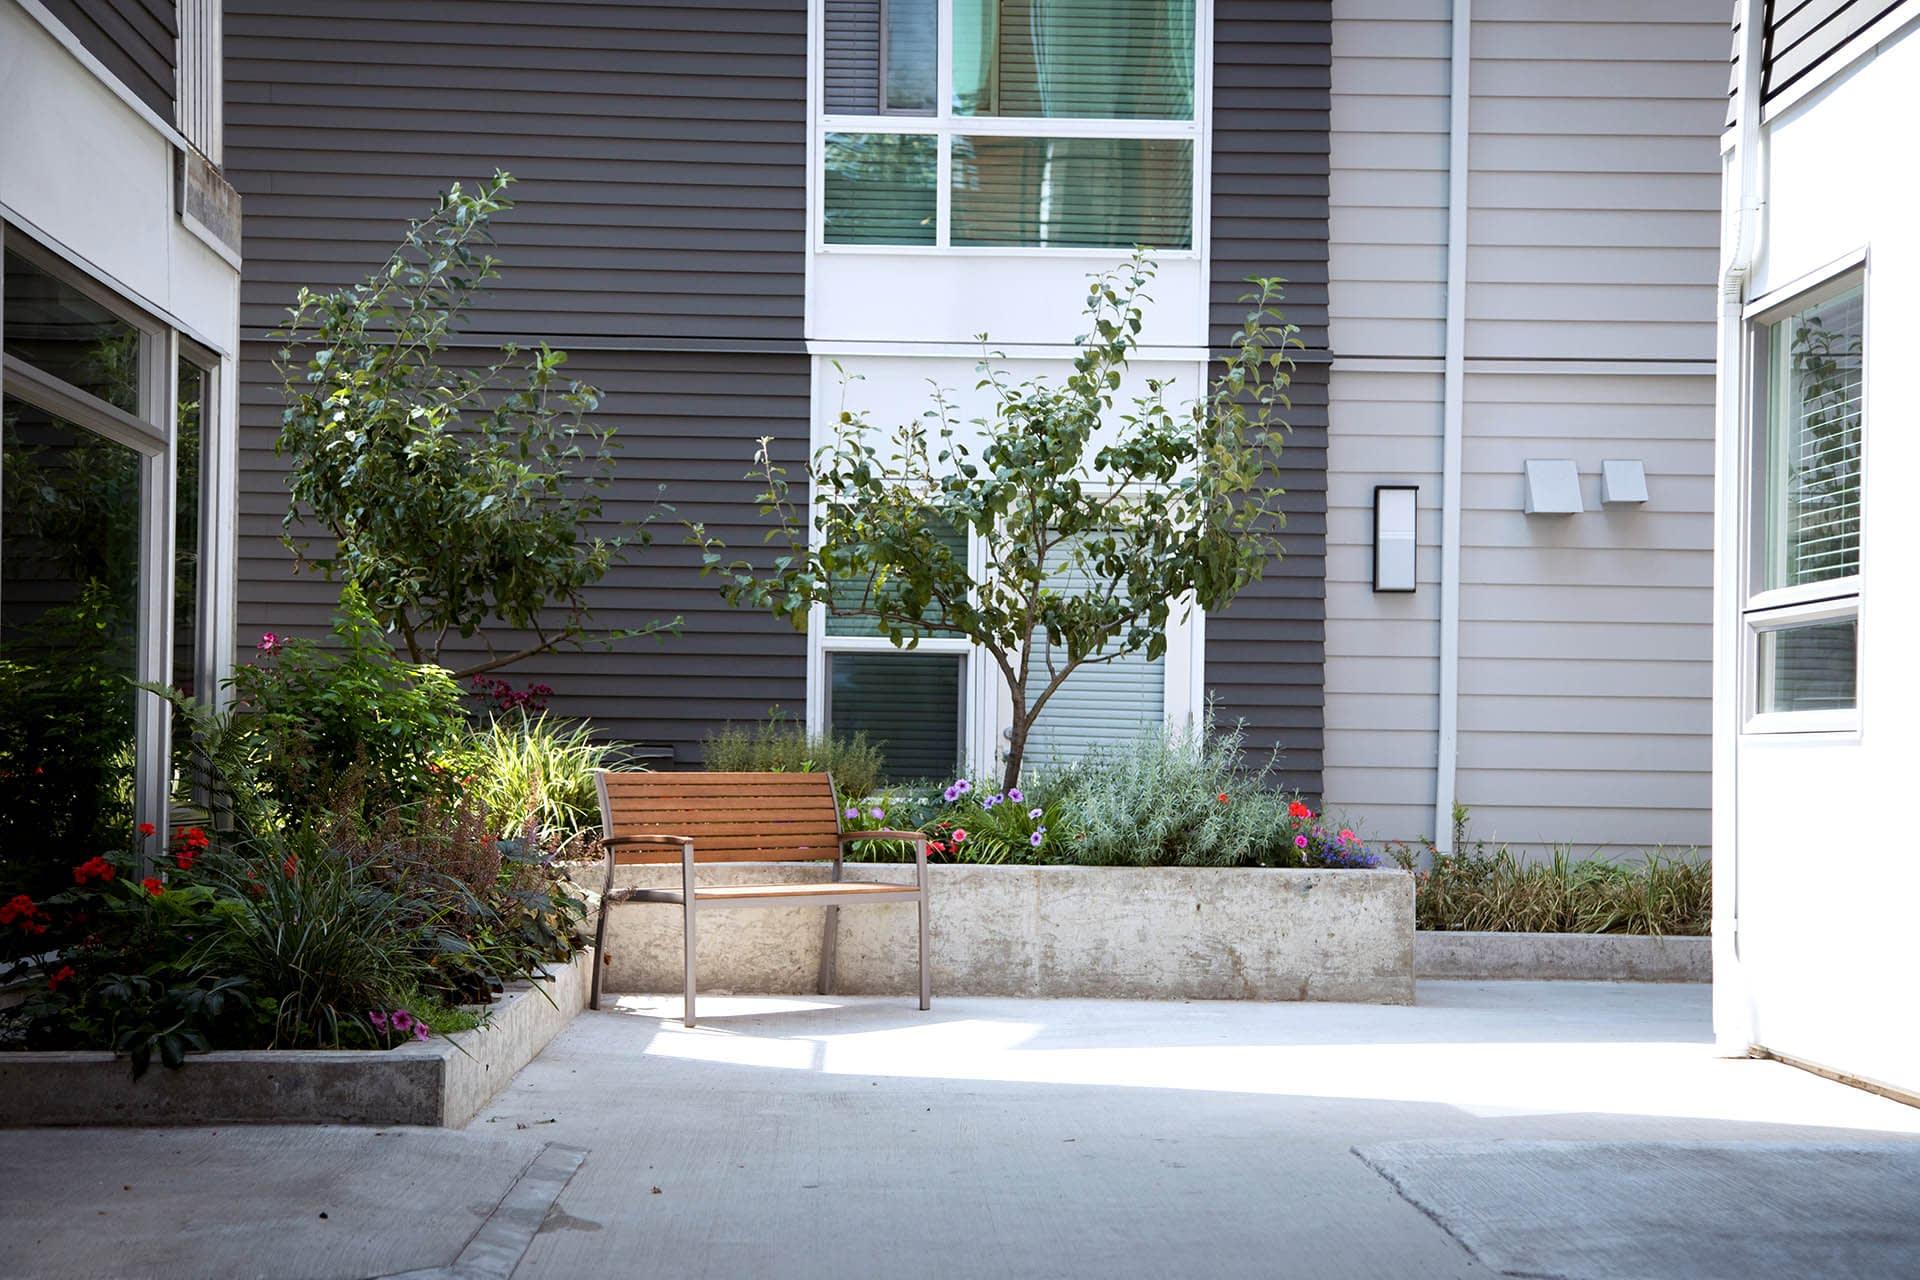 Composite Cladding on modern landscaped building - Composites Alternatives